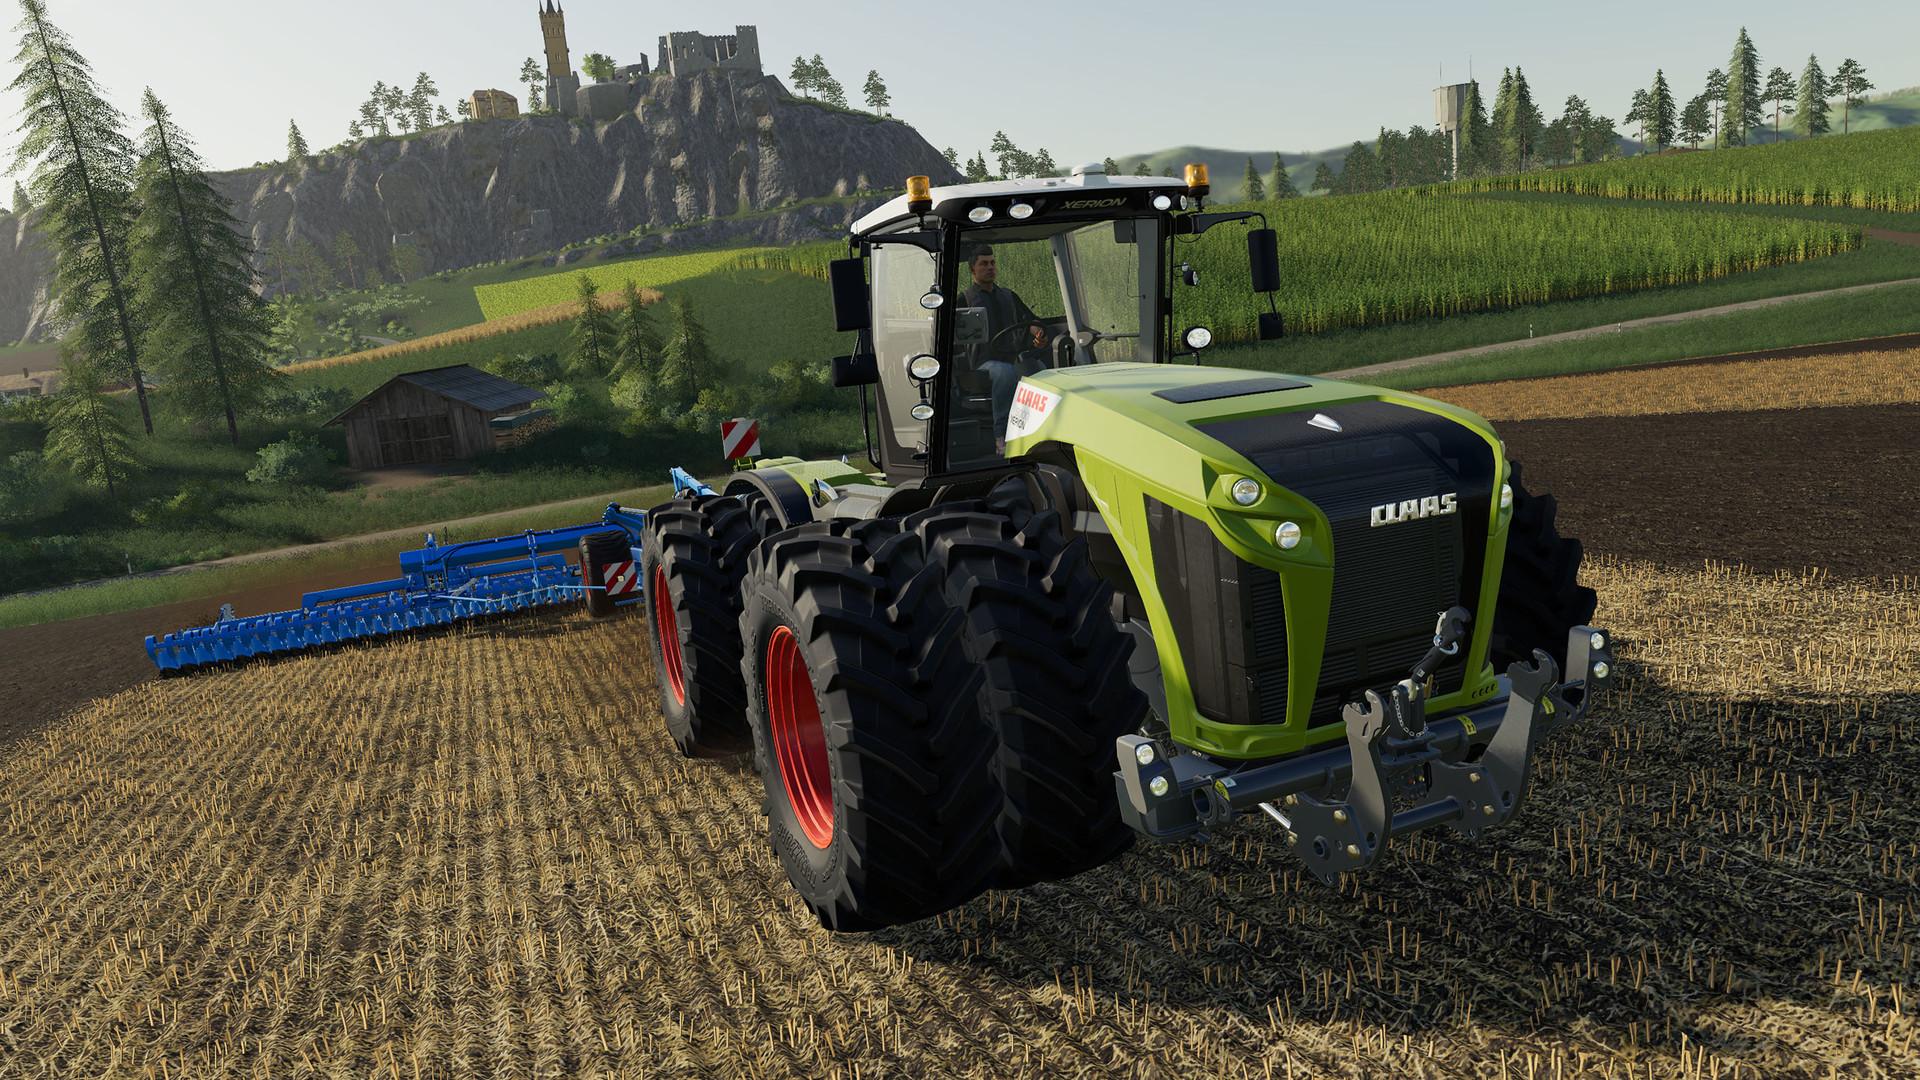 """Znalezione obrazy dlazapytania: Farming Simulator 19"""""""